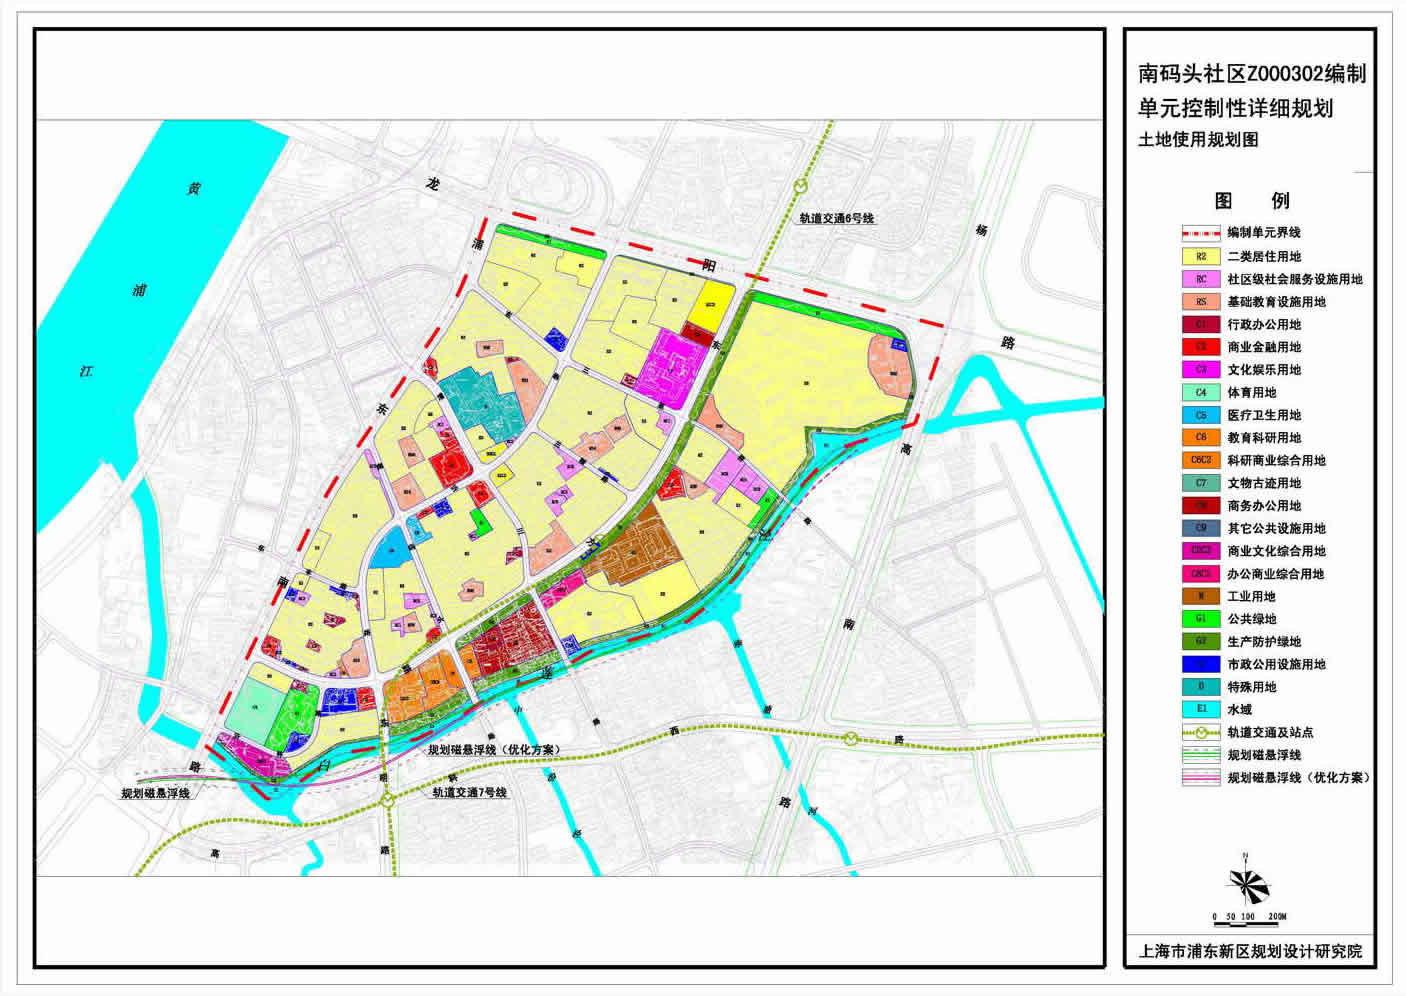 鹤壁市新区103路线图